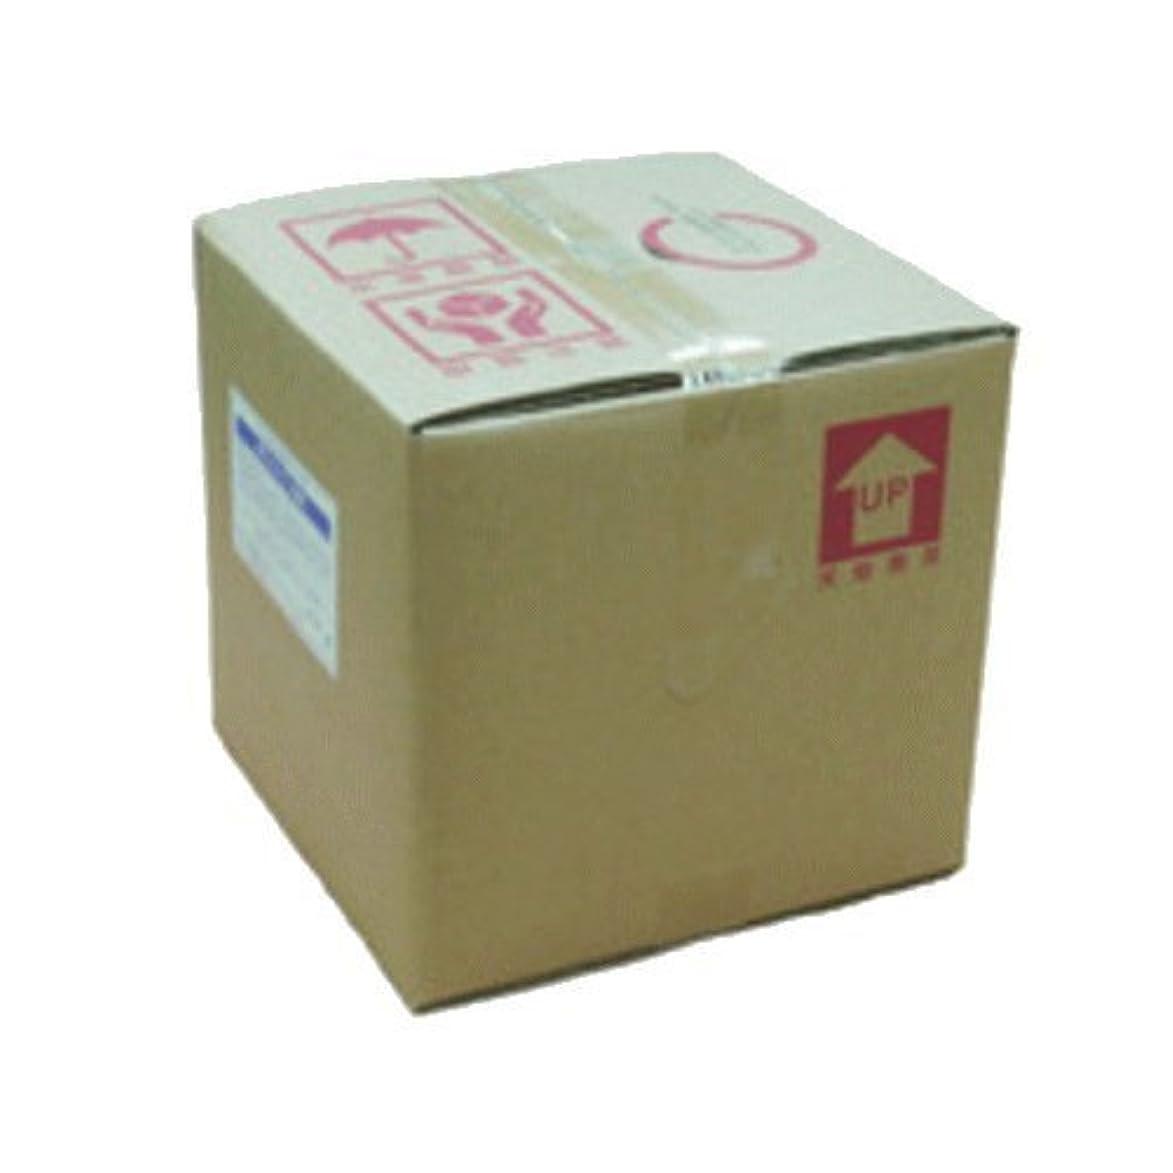 伝統的インターネット処理ウインドヒル 業務用コンディショナー(リンス) オレンジA-1 20L